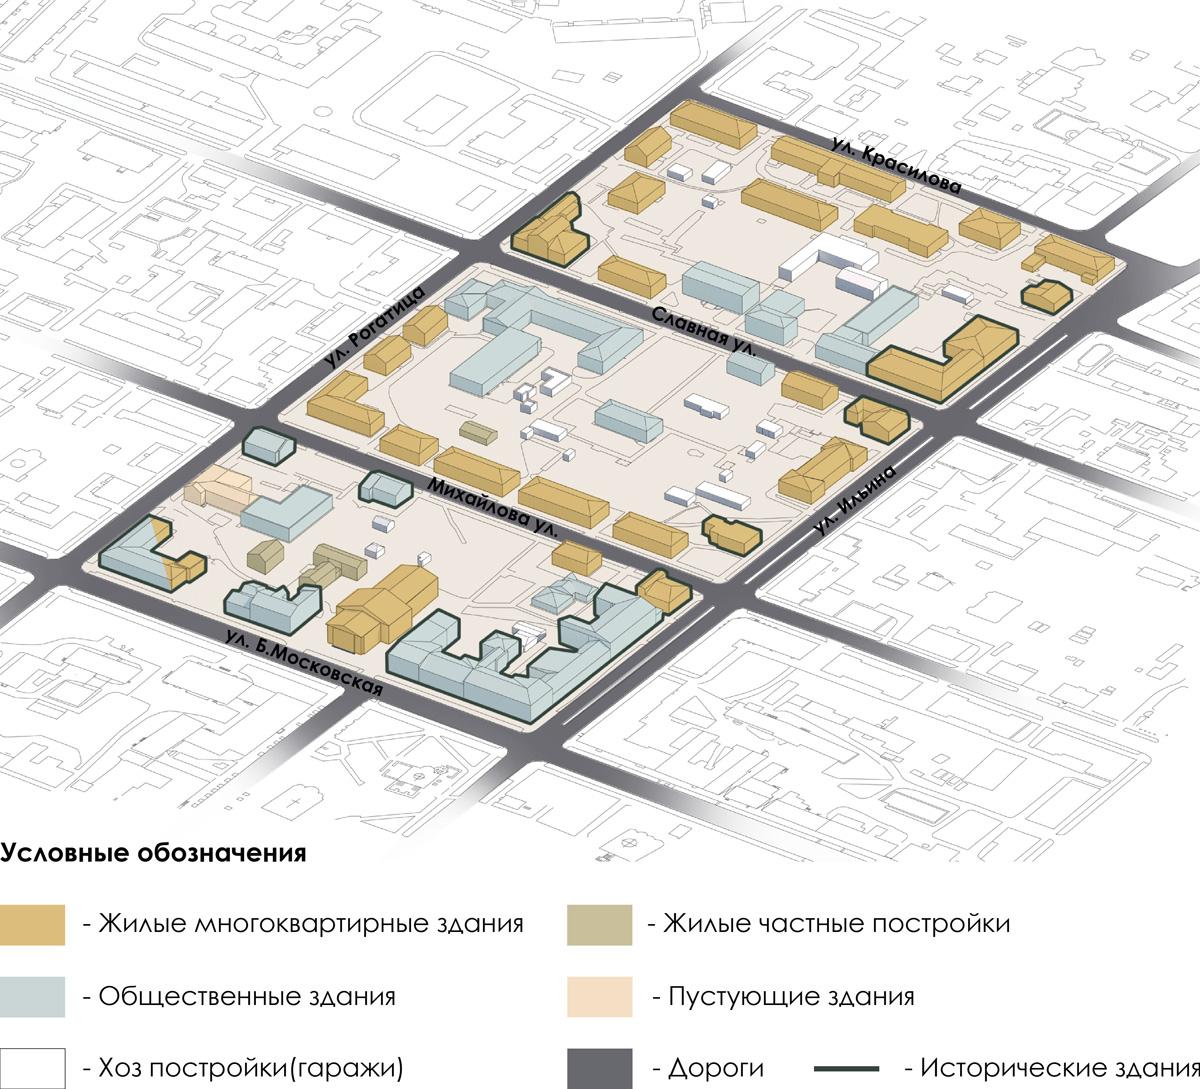 Схема функционального назначения зданий